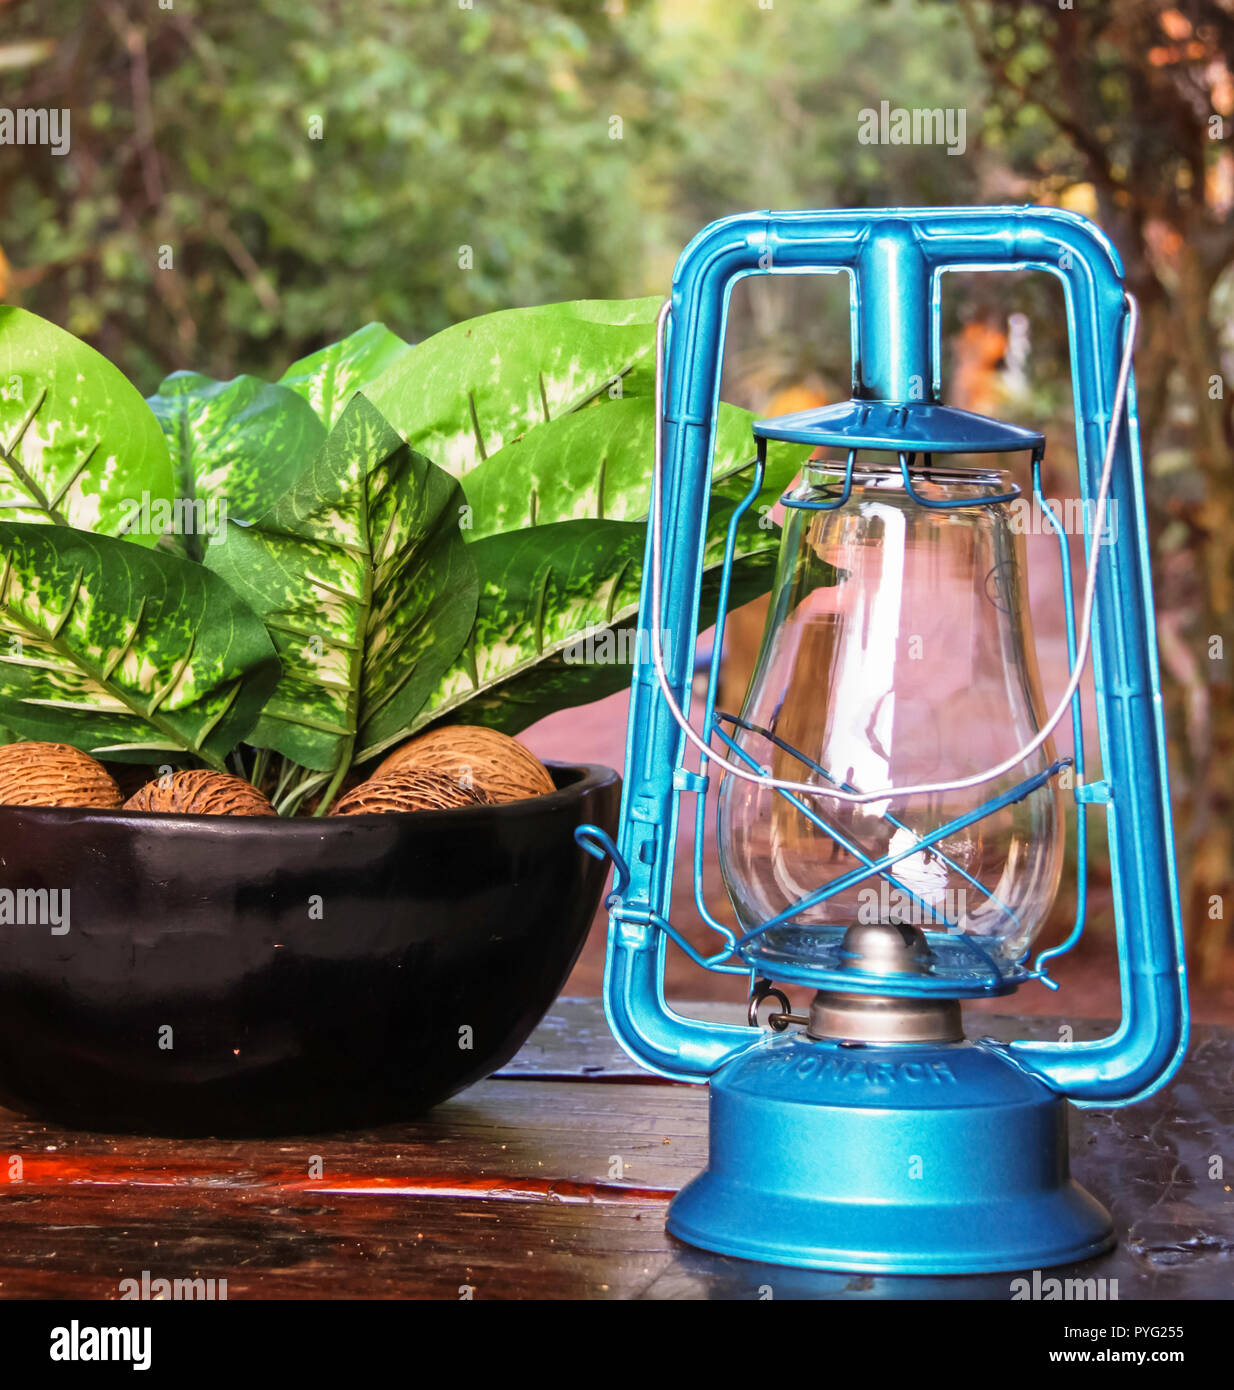 Kruger National Park, South Africa - 2011: Blue kerosene lamp on a table at a game lodge in Kruger National Park - Stock Image